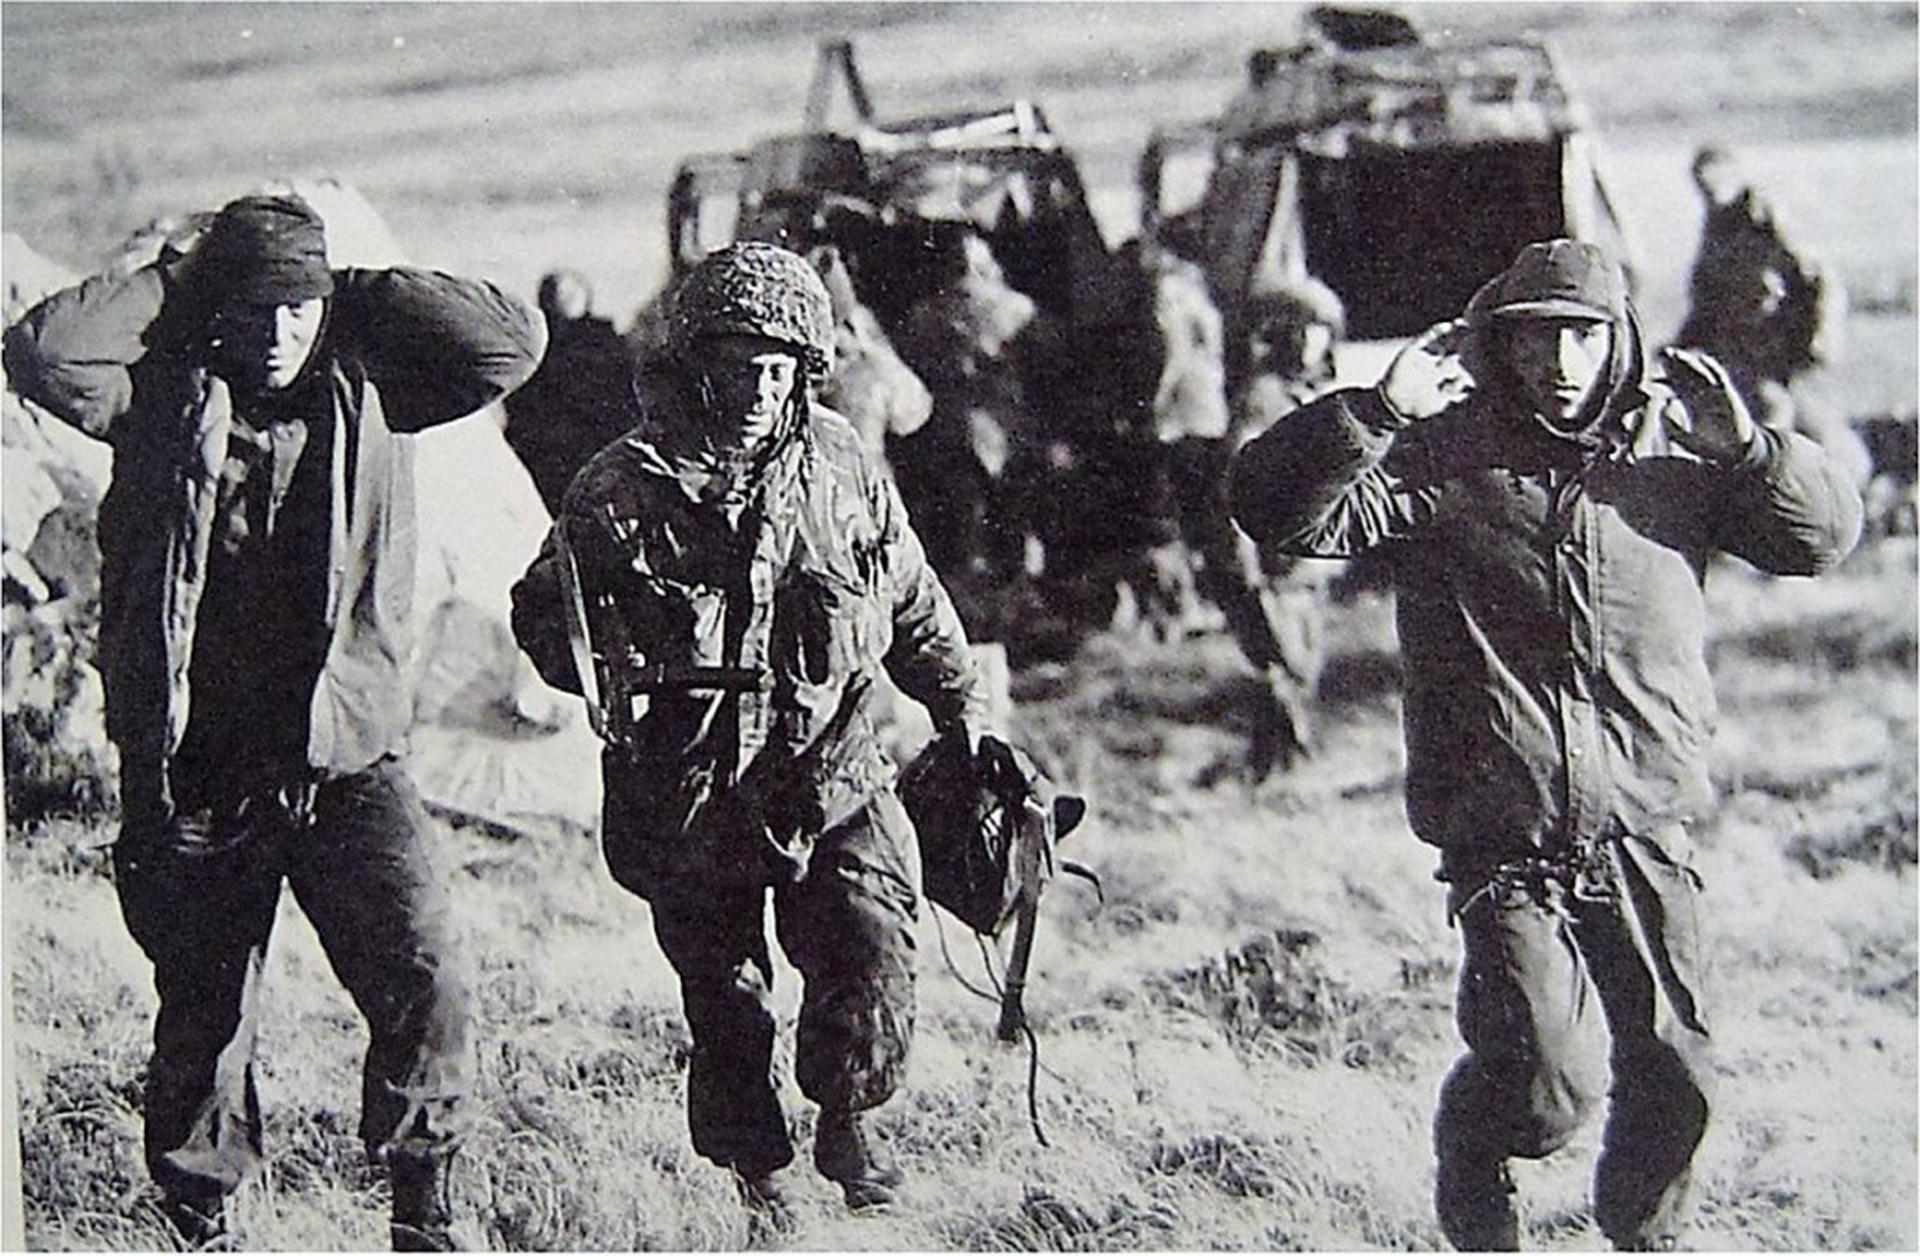 Los prisioneros fueron llevados a Puerto Argentino. Permanecieron unos días más en las islas y fueron embarcados en el buque inglés Canberra, que el 19 de junio arribó a Puerto Madryn con4.167 combatientes